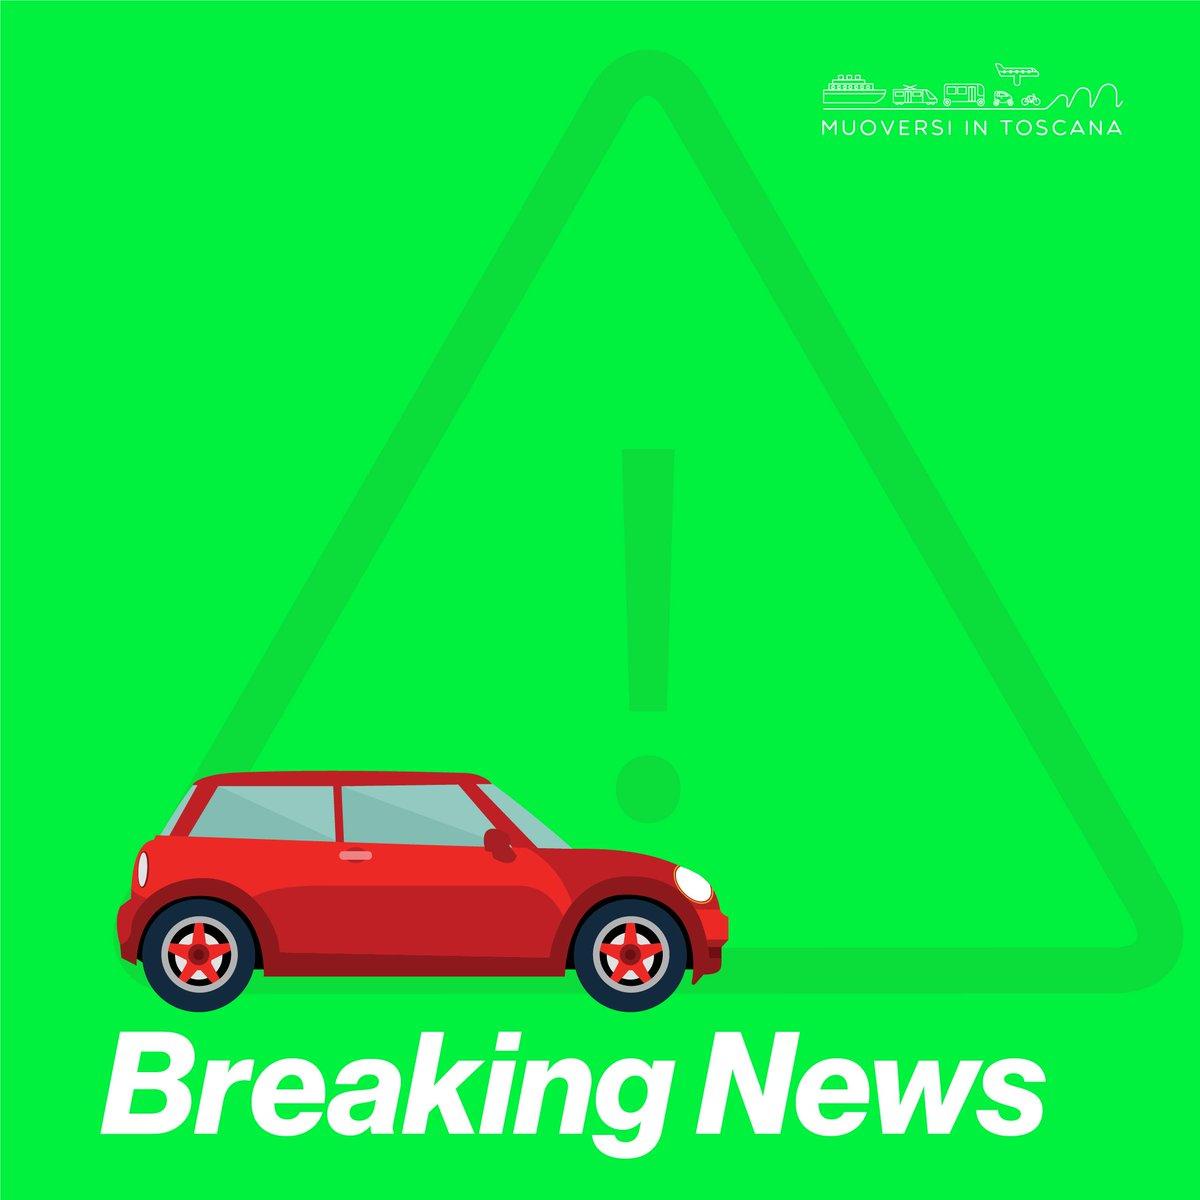 #BREAKINGNEWS In #A1 sulla Direttissima lo svincolo di #Firenzuola in entrata è chiuso in entrambe le direzioni per un incidente. Entrata consigliata verso #Firenze e #Bologna #Barberino di #Mugello. #viabiliTOS  - Ukustom